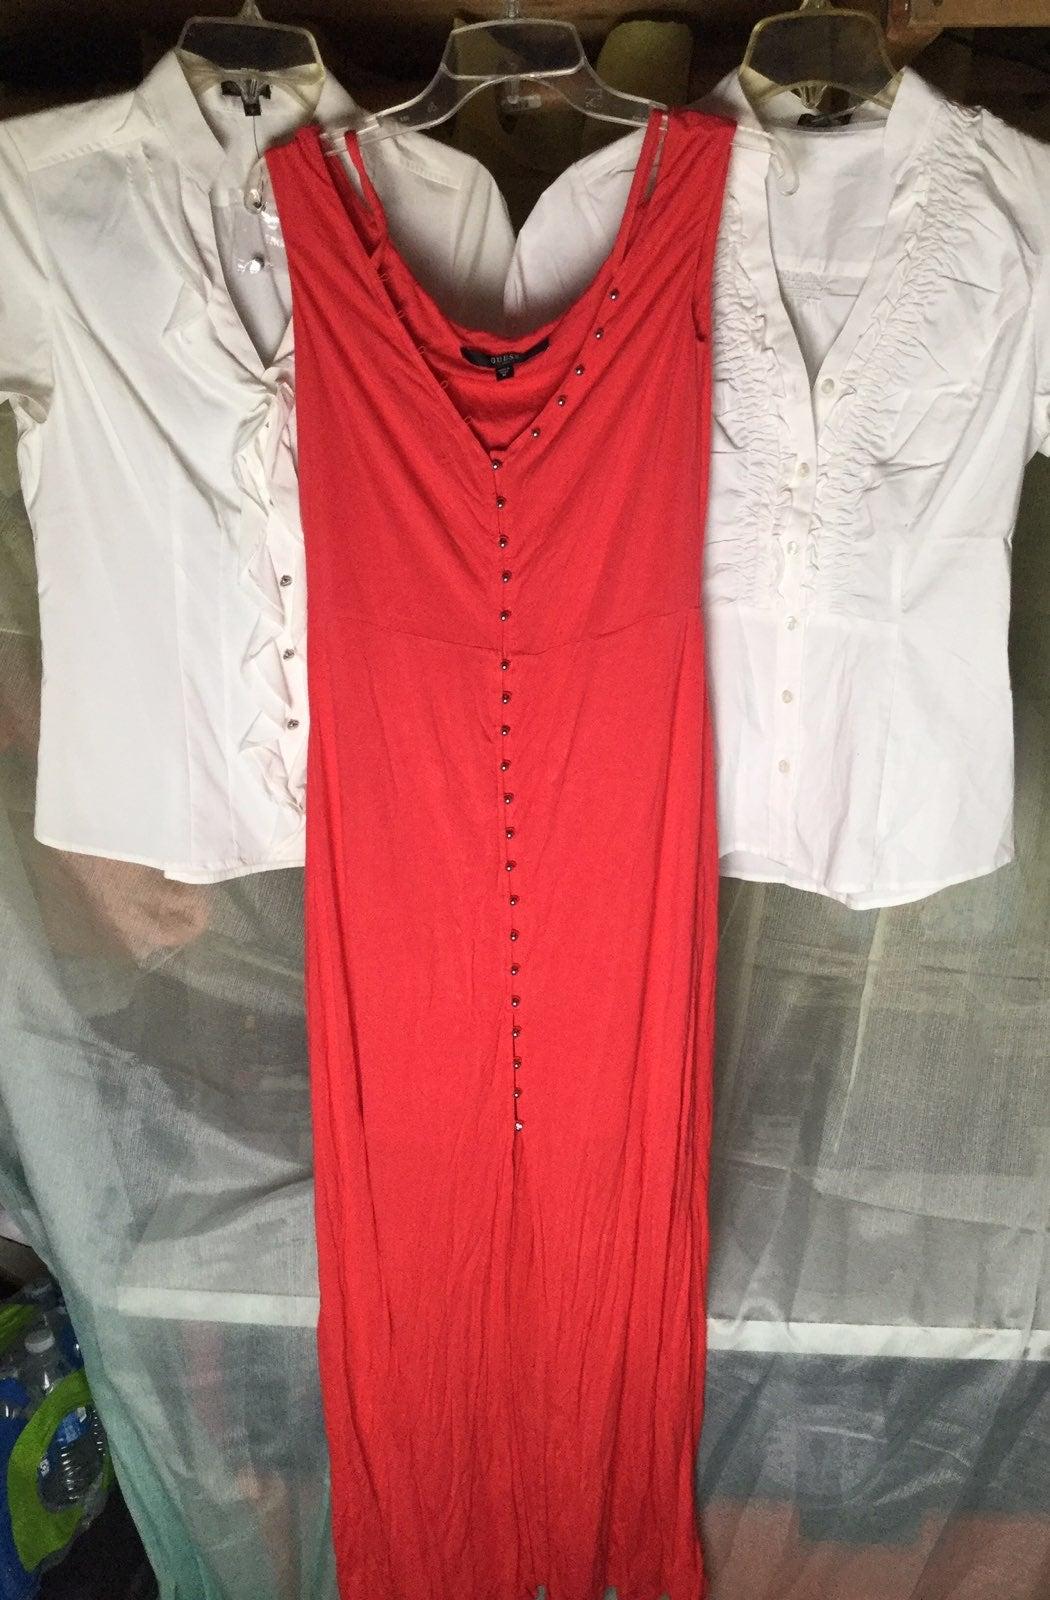 2 Express Blouse & 1 Guess Dress